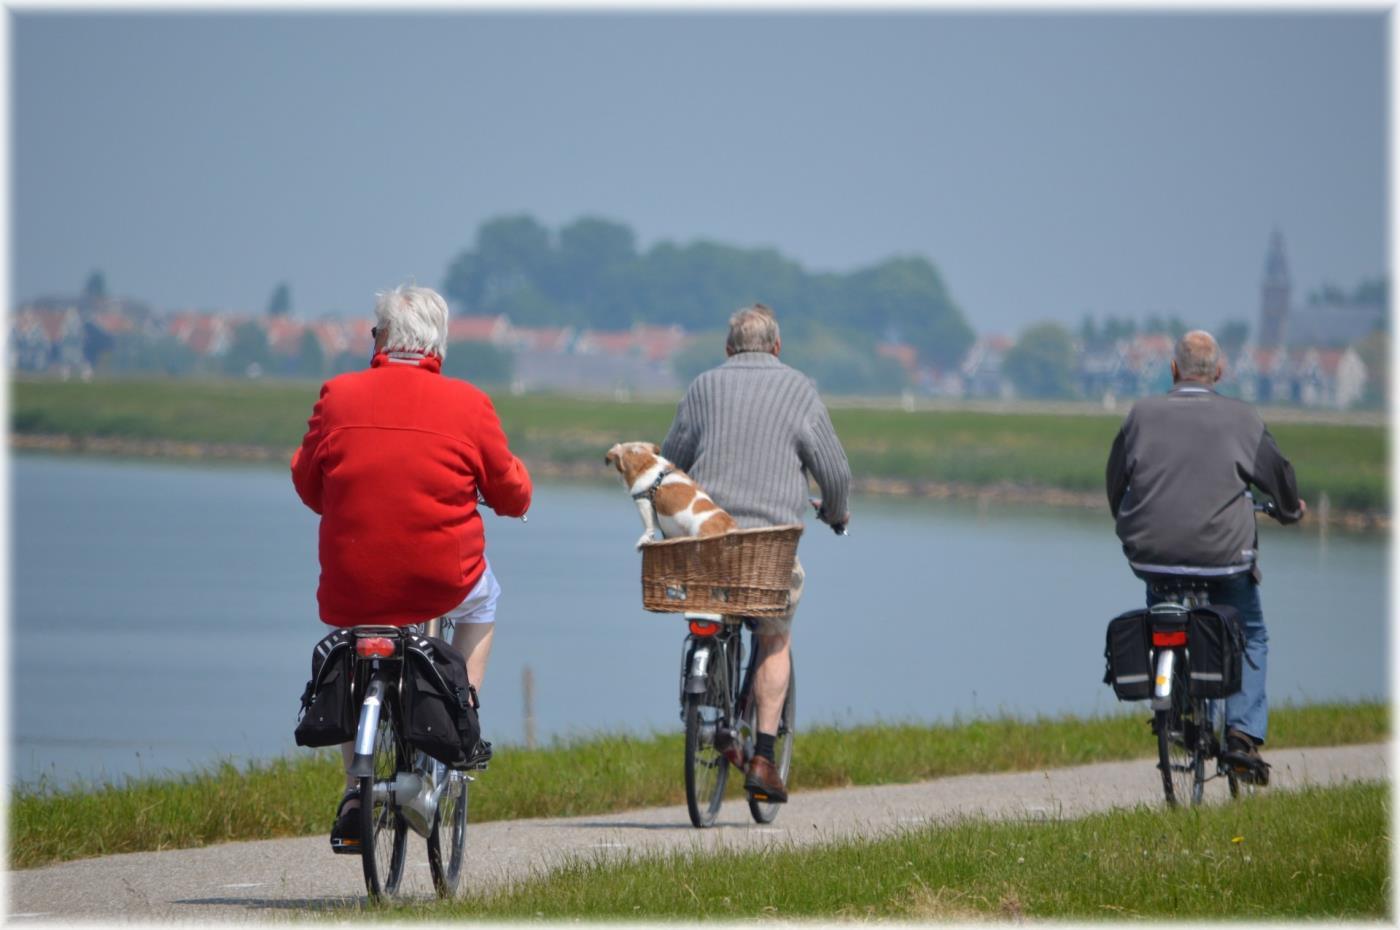 İleri yaş egzersizlerinde dikkat edilmesi gereken noktalar